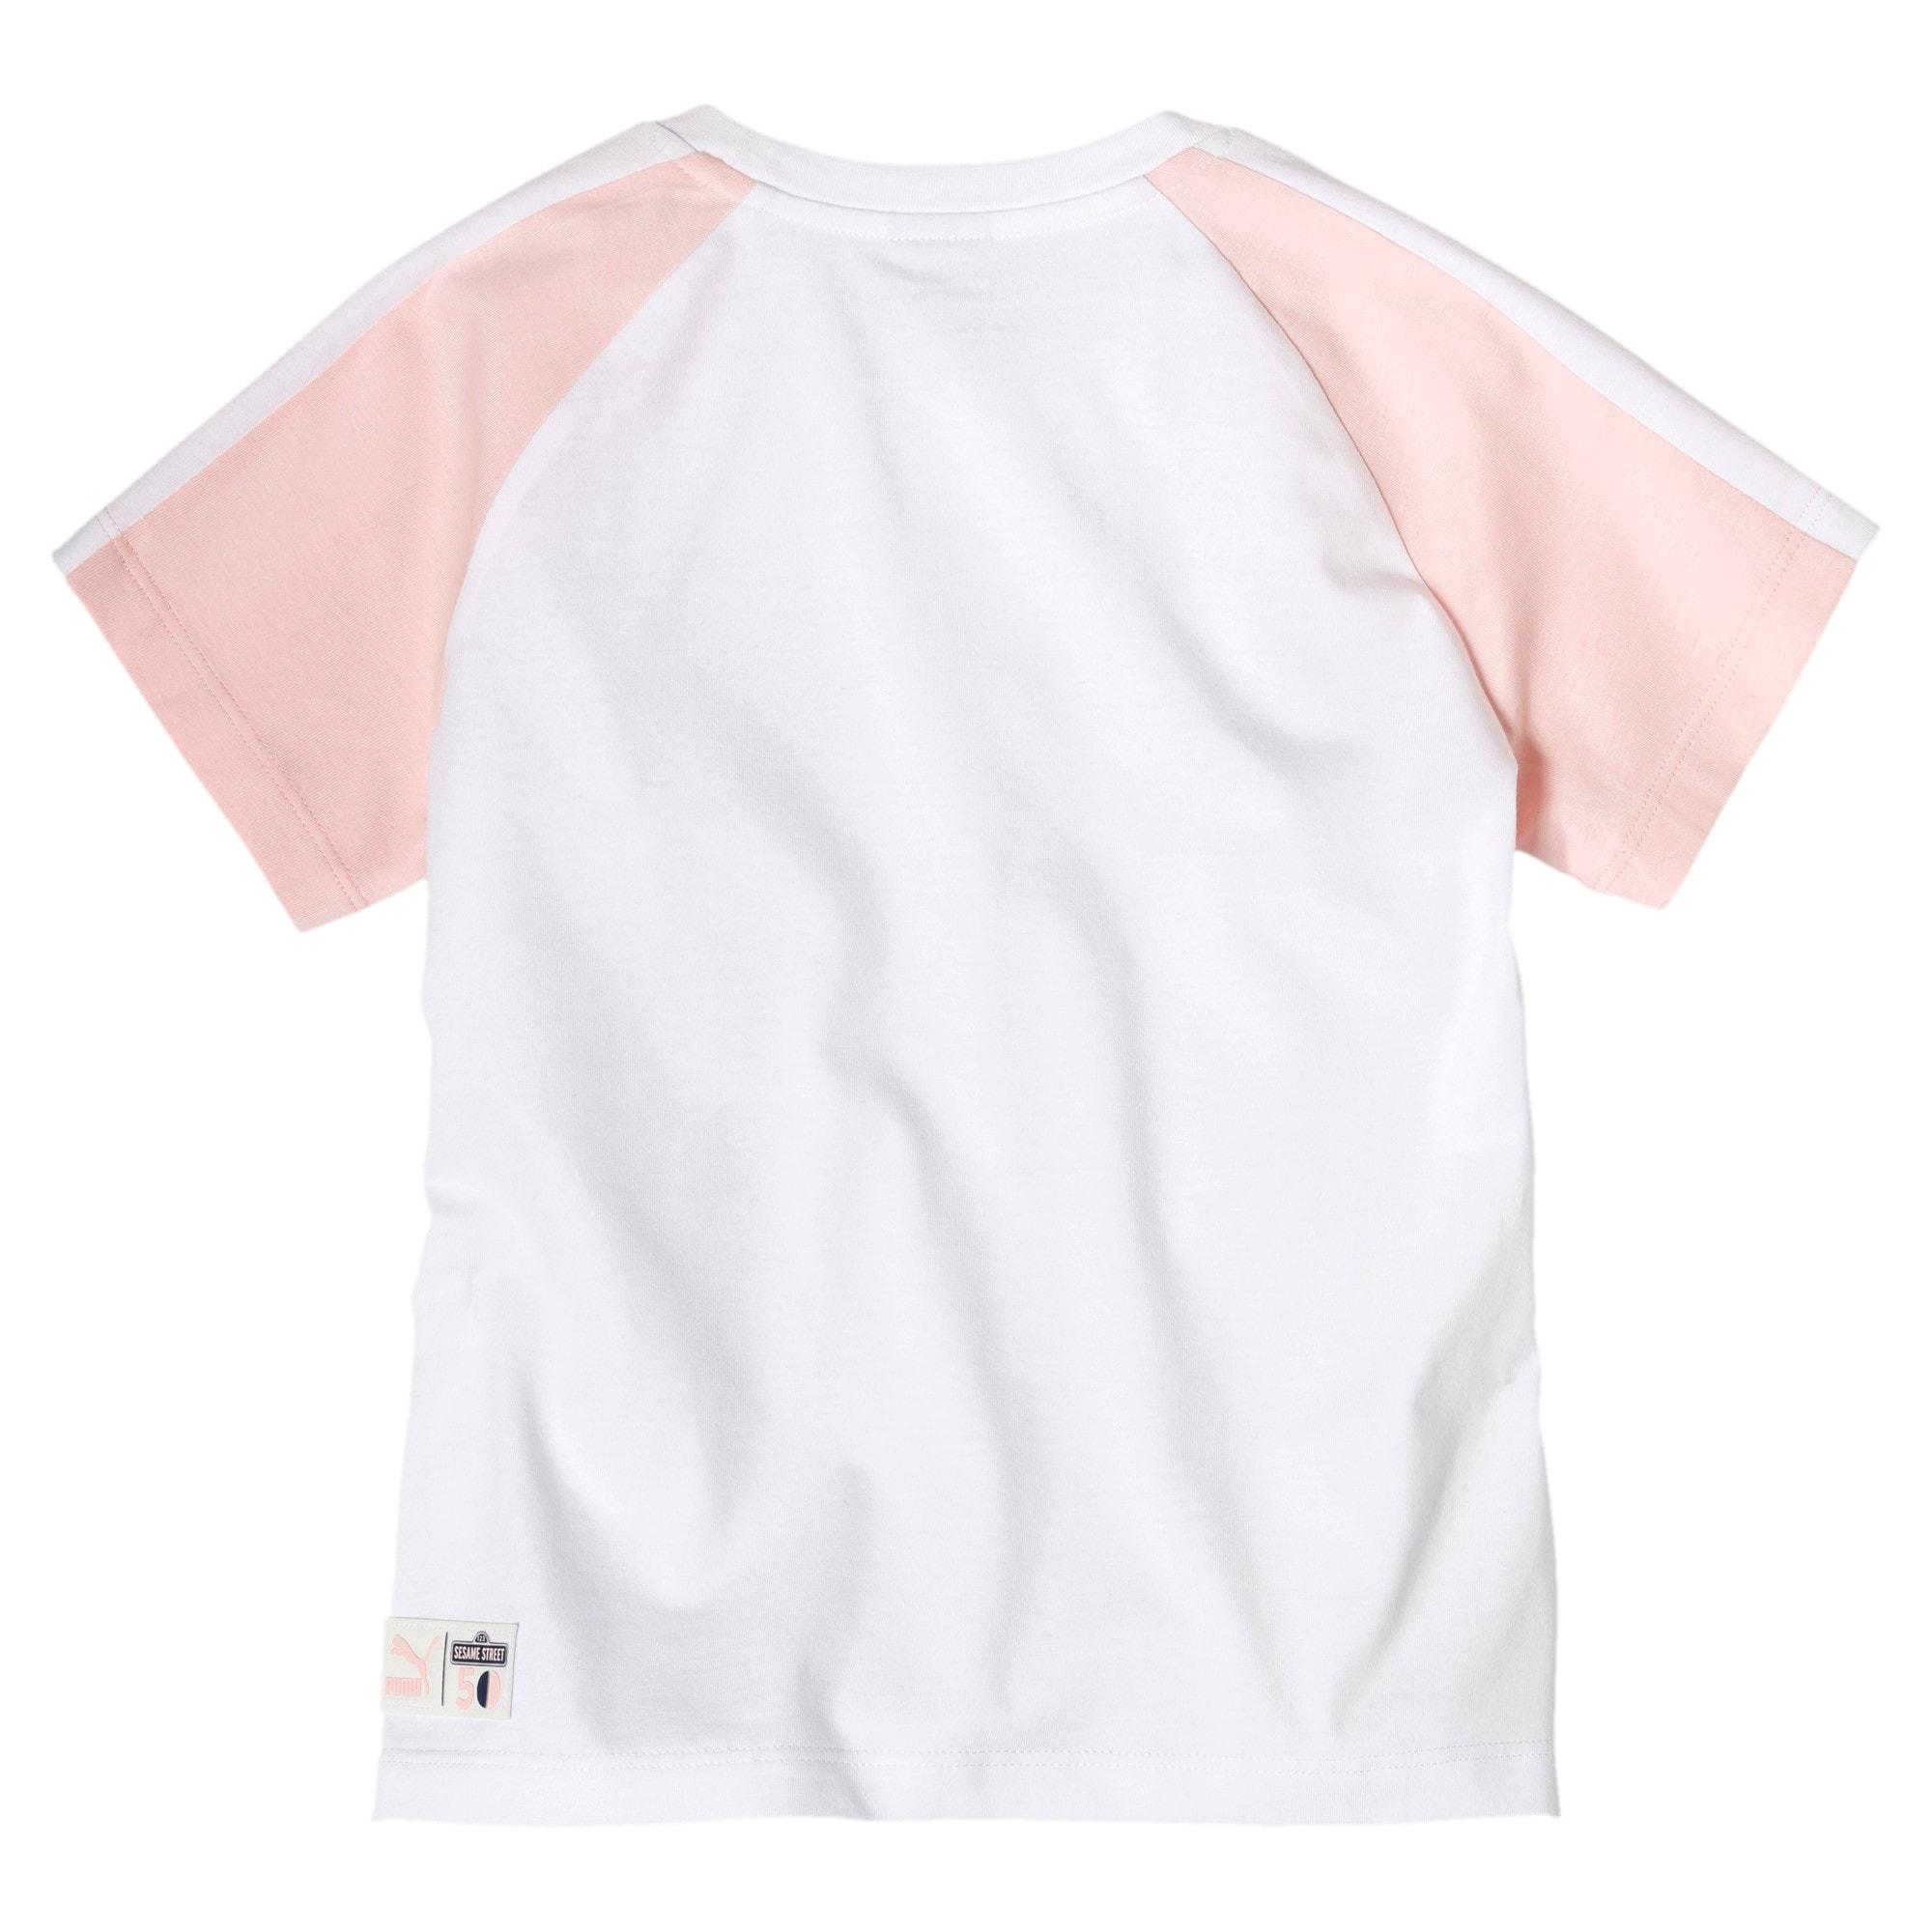 Miniatura 2 de Camiseta PUMA x SESAME STREET para niña, Puma White, mediano